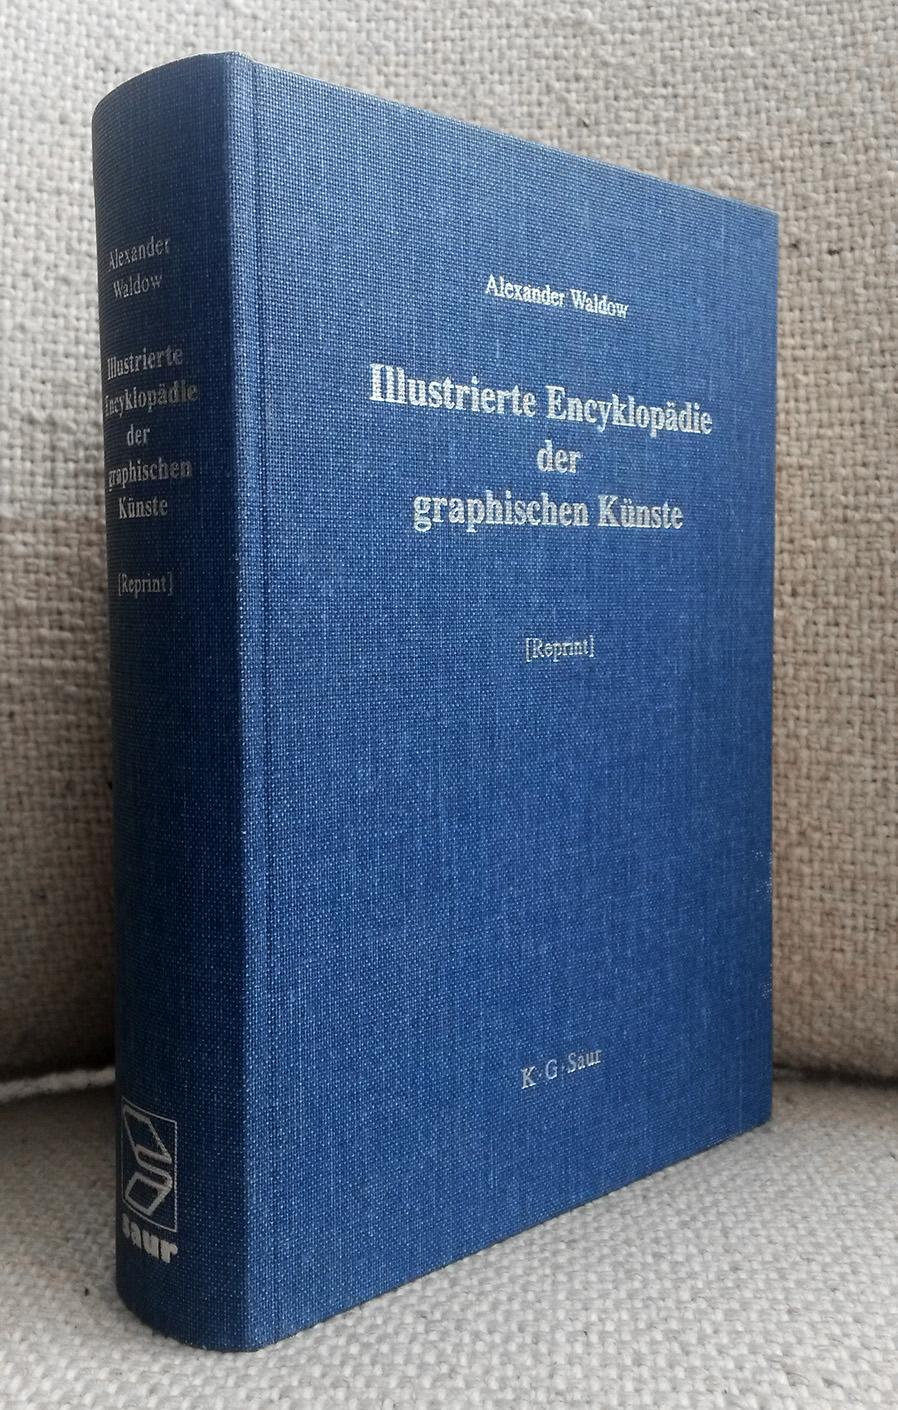 Illustrierte Encyklopädie der graphischen Künste und der: Waldow, Alexander (Hrsg.)